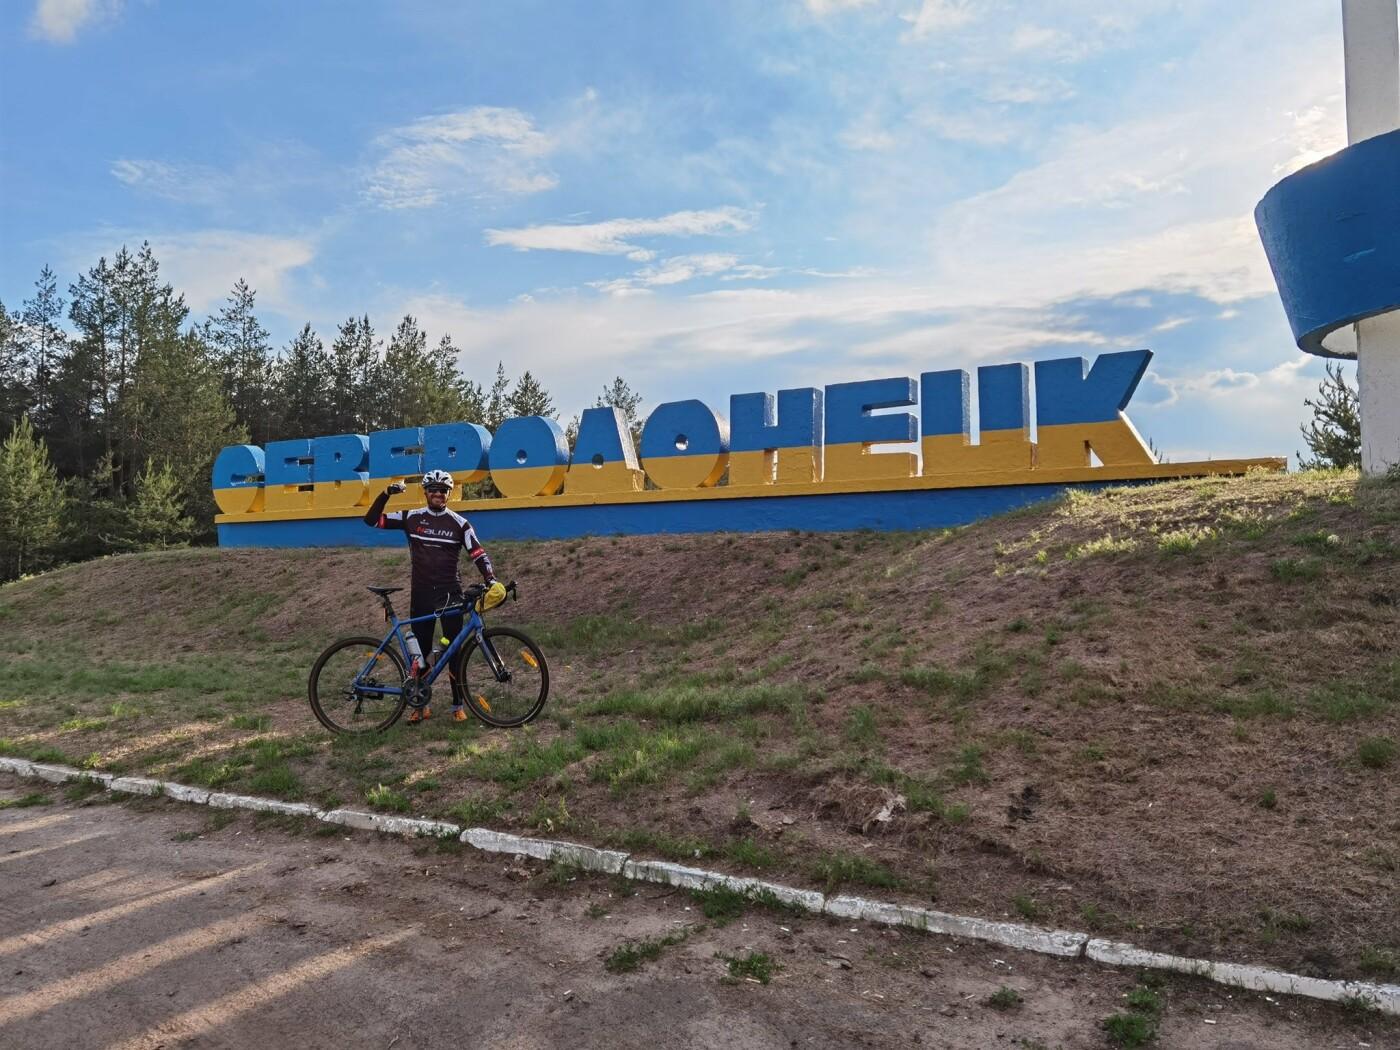 Фронтмен Группы СКАЙ Олег Собчук приедет в Бердянск на велосипеде, фото-2